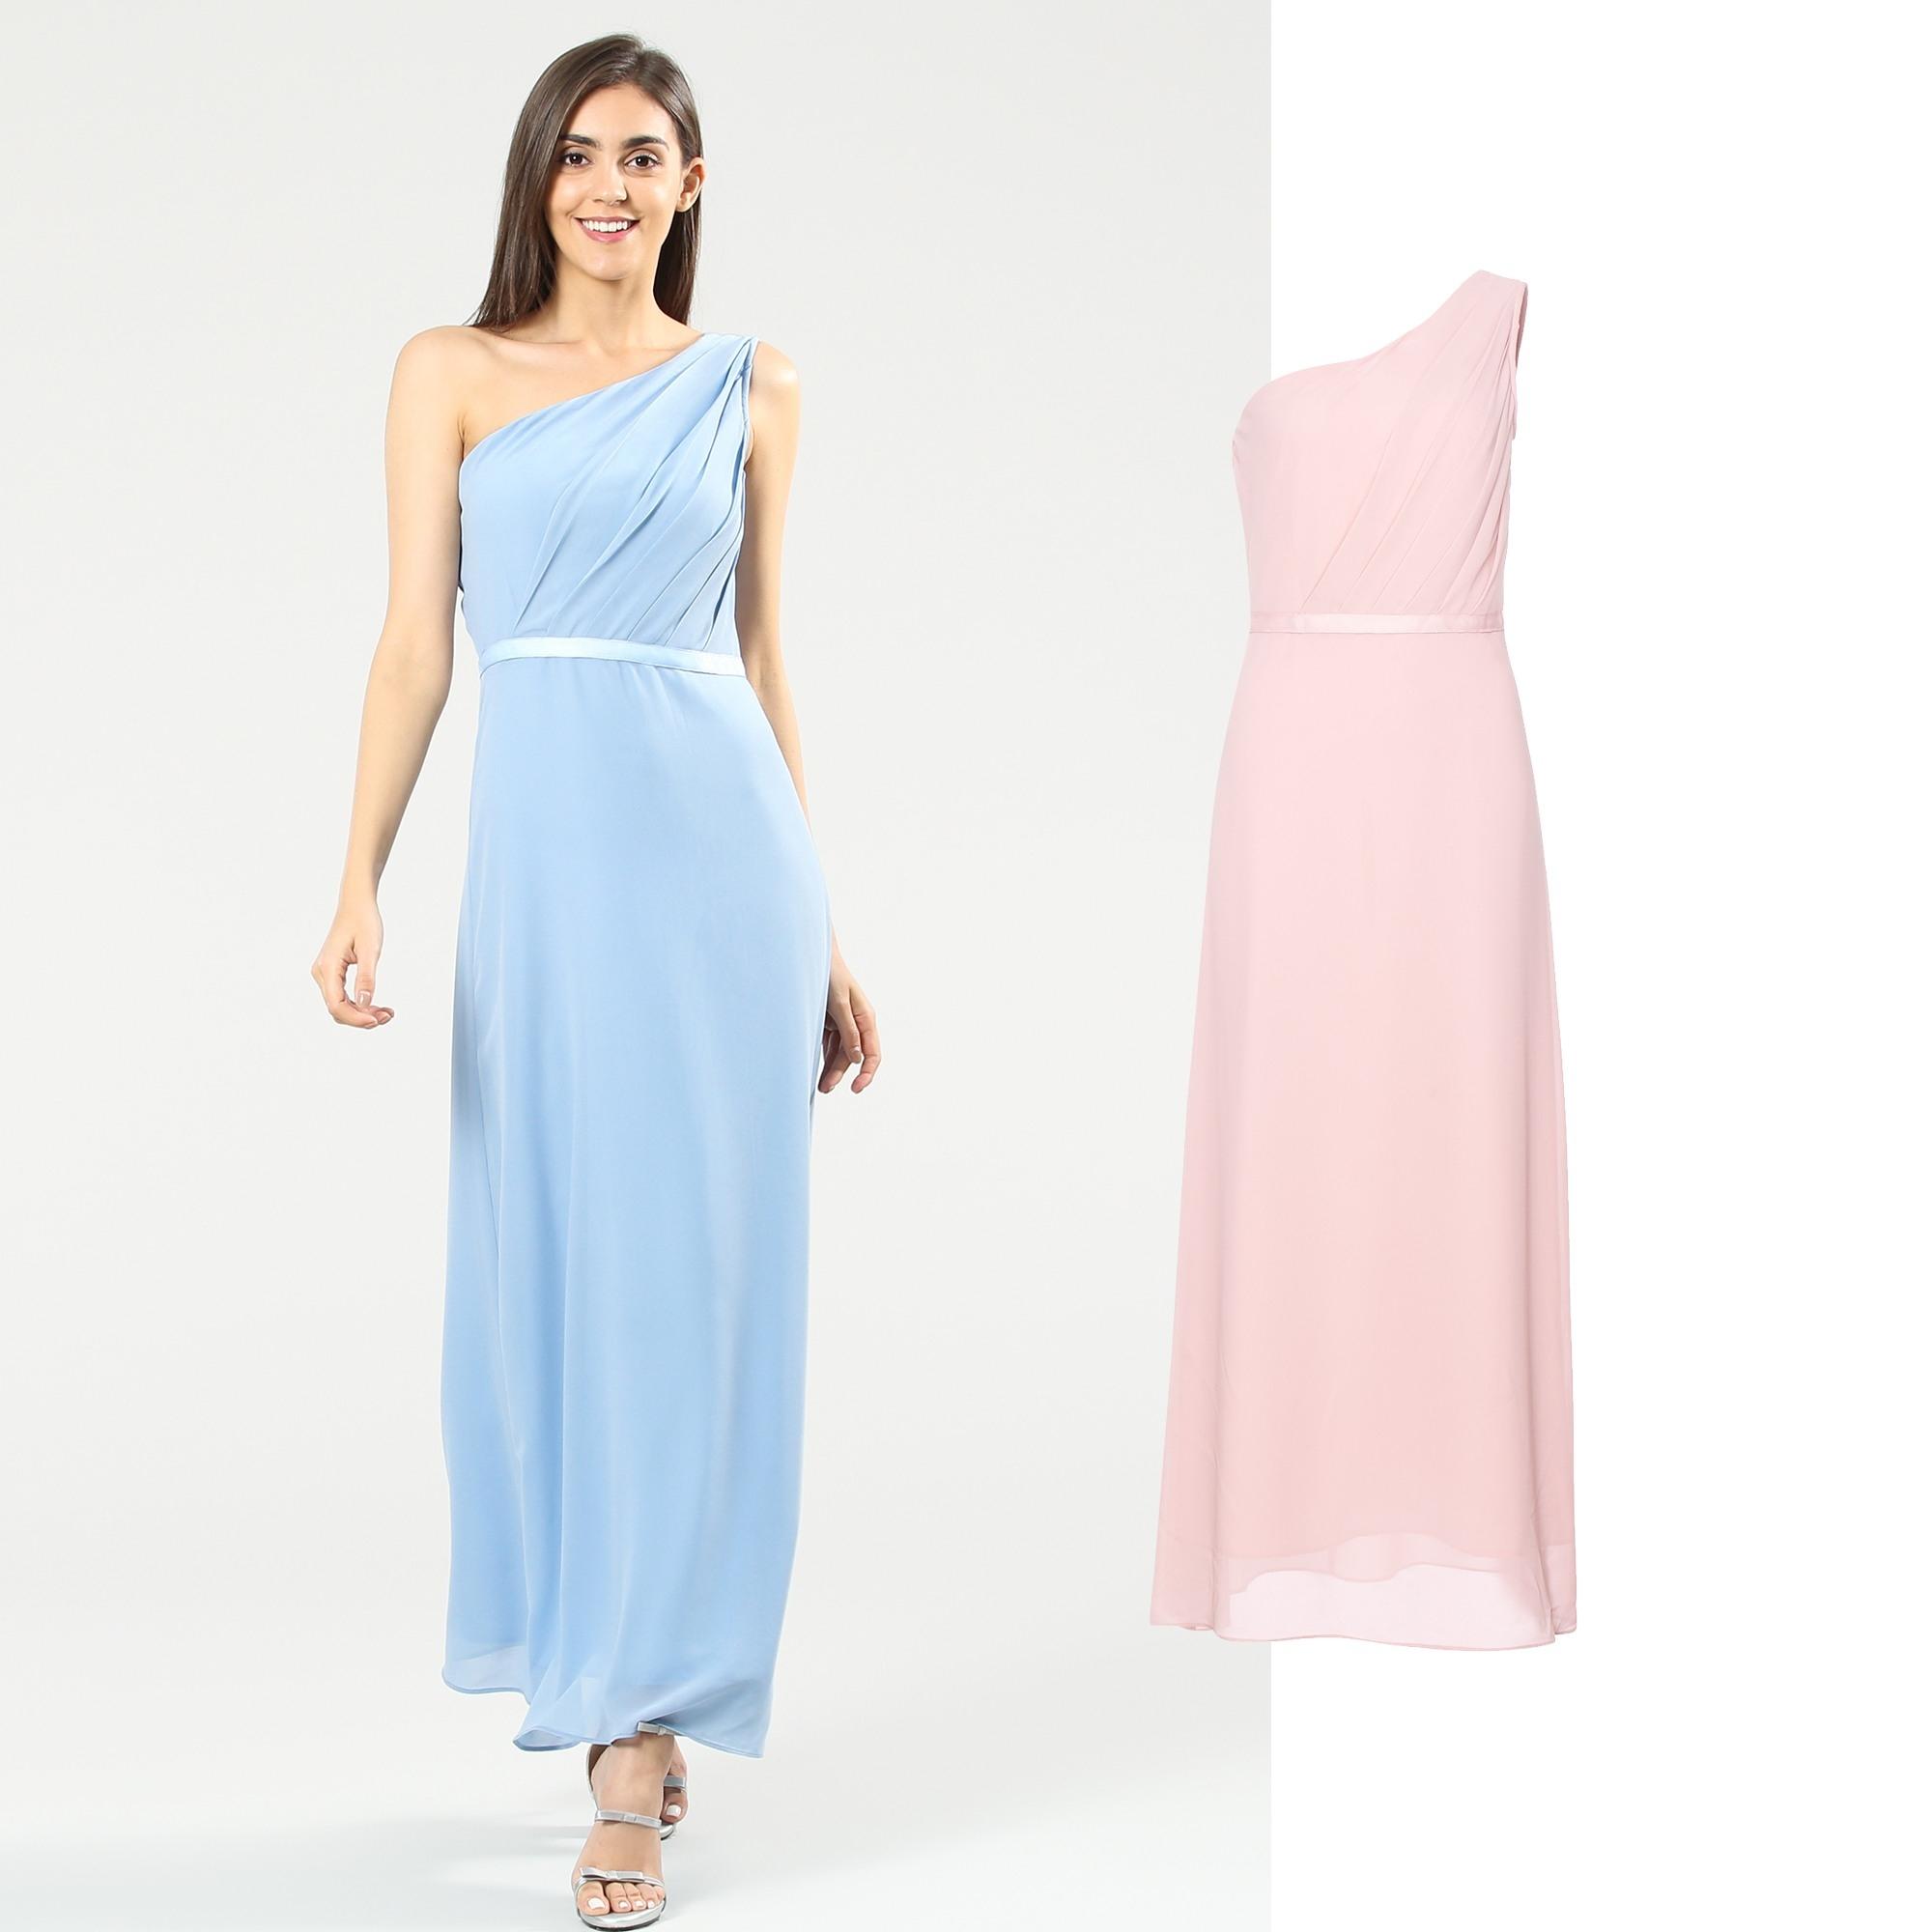 Designer Fantastisch Kleider Für Hochzeit Günstig Kaufen BoutiqueAbend Kreativ Kleider Für Hochzeit Günstig Kaufen Galerie